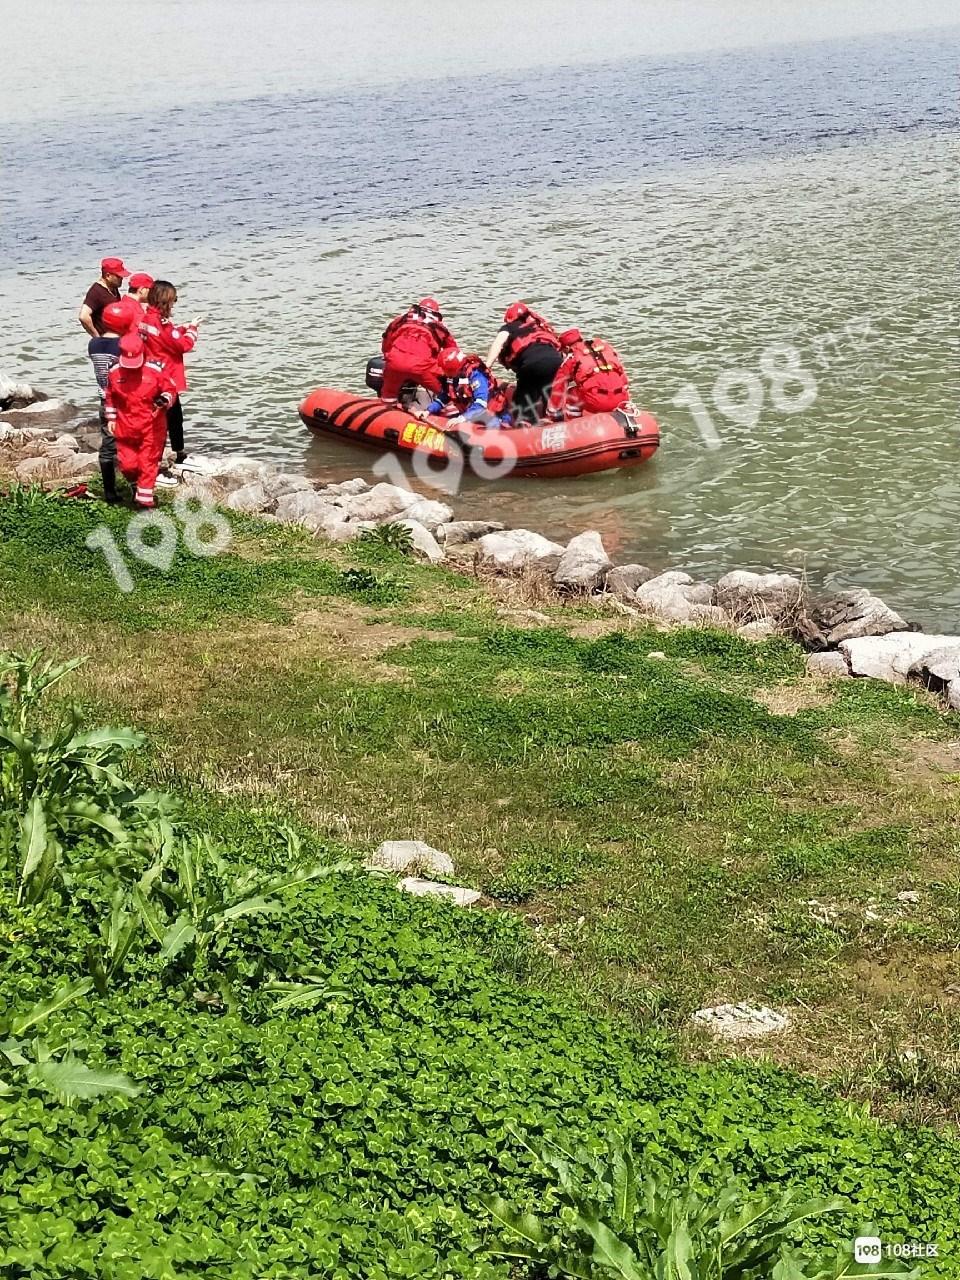 悲剧!人民大桥一男子跳江,现尸体已经打捞上岸